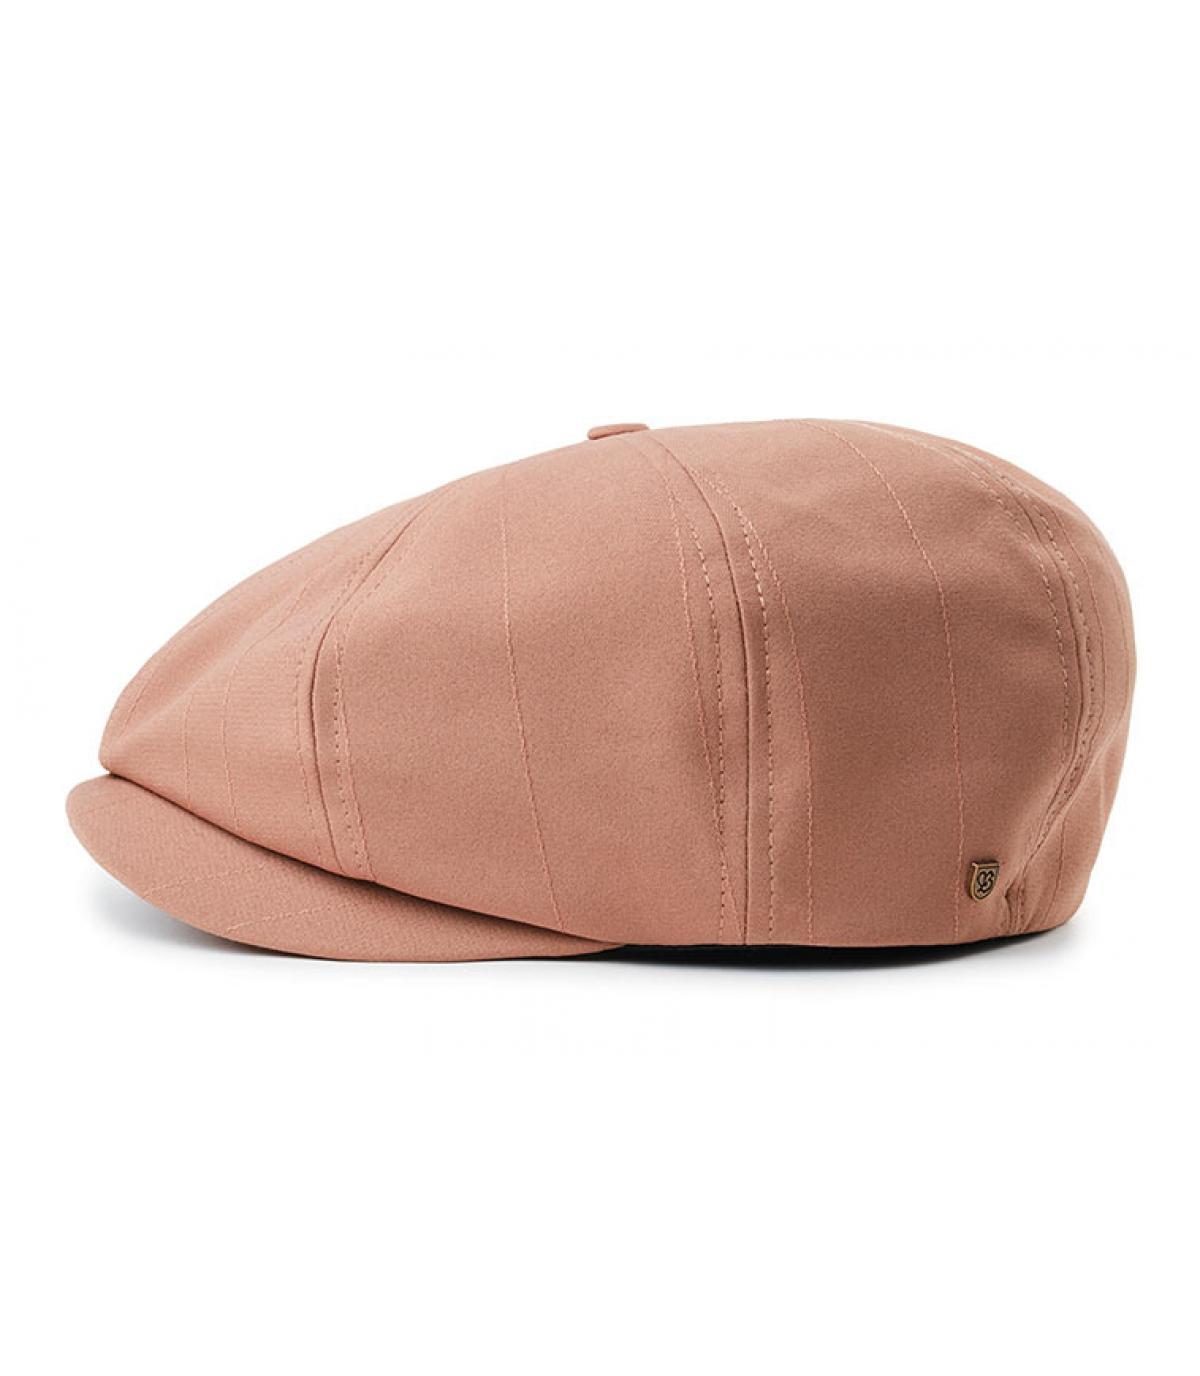 Gorro mujer - Compra venta de Gorros mujer. Primera sombrerería en línea.  Entrega en 48 72horas. 7be02953048